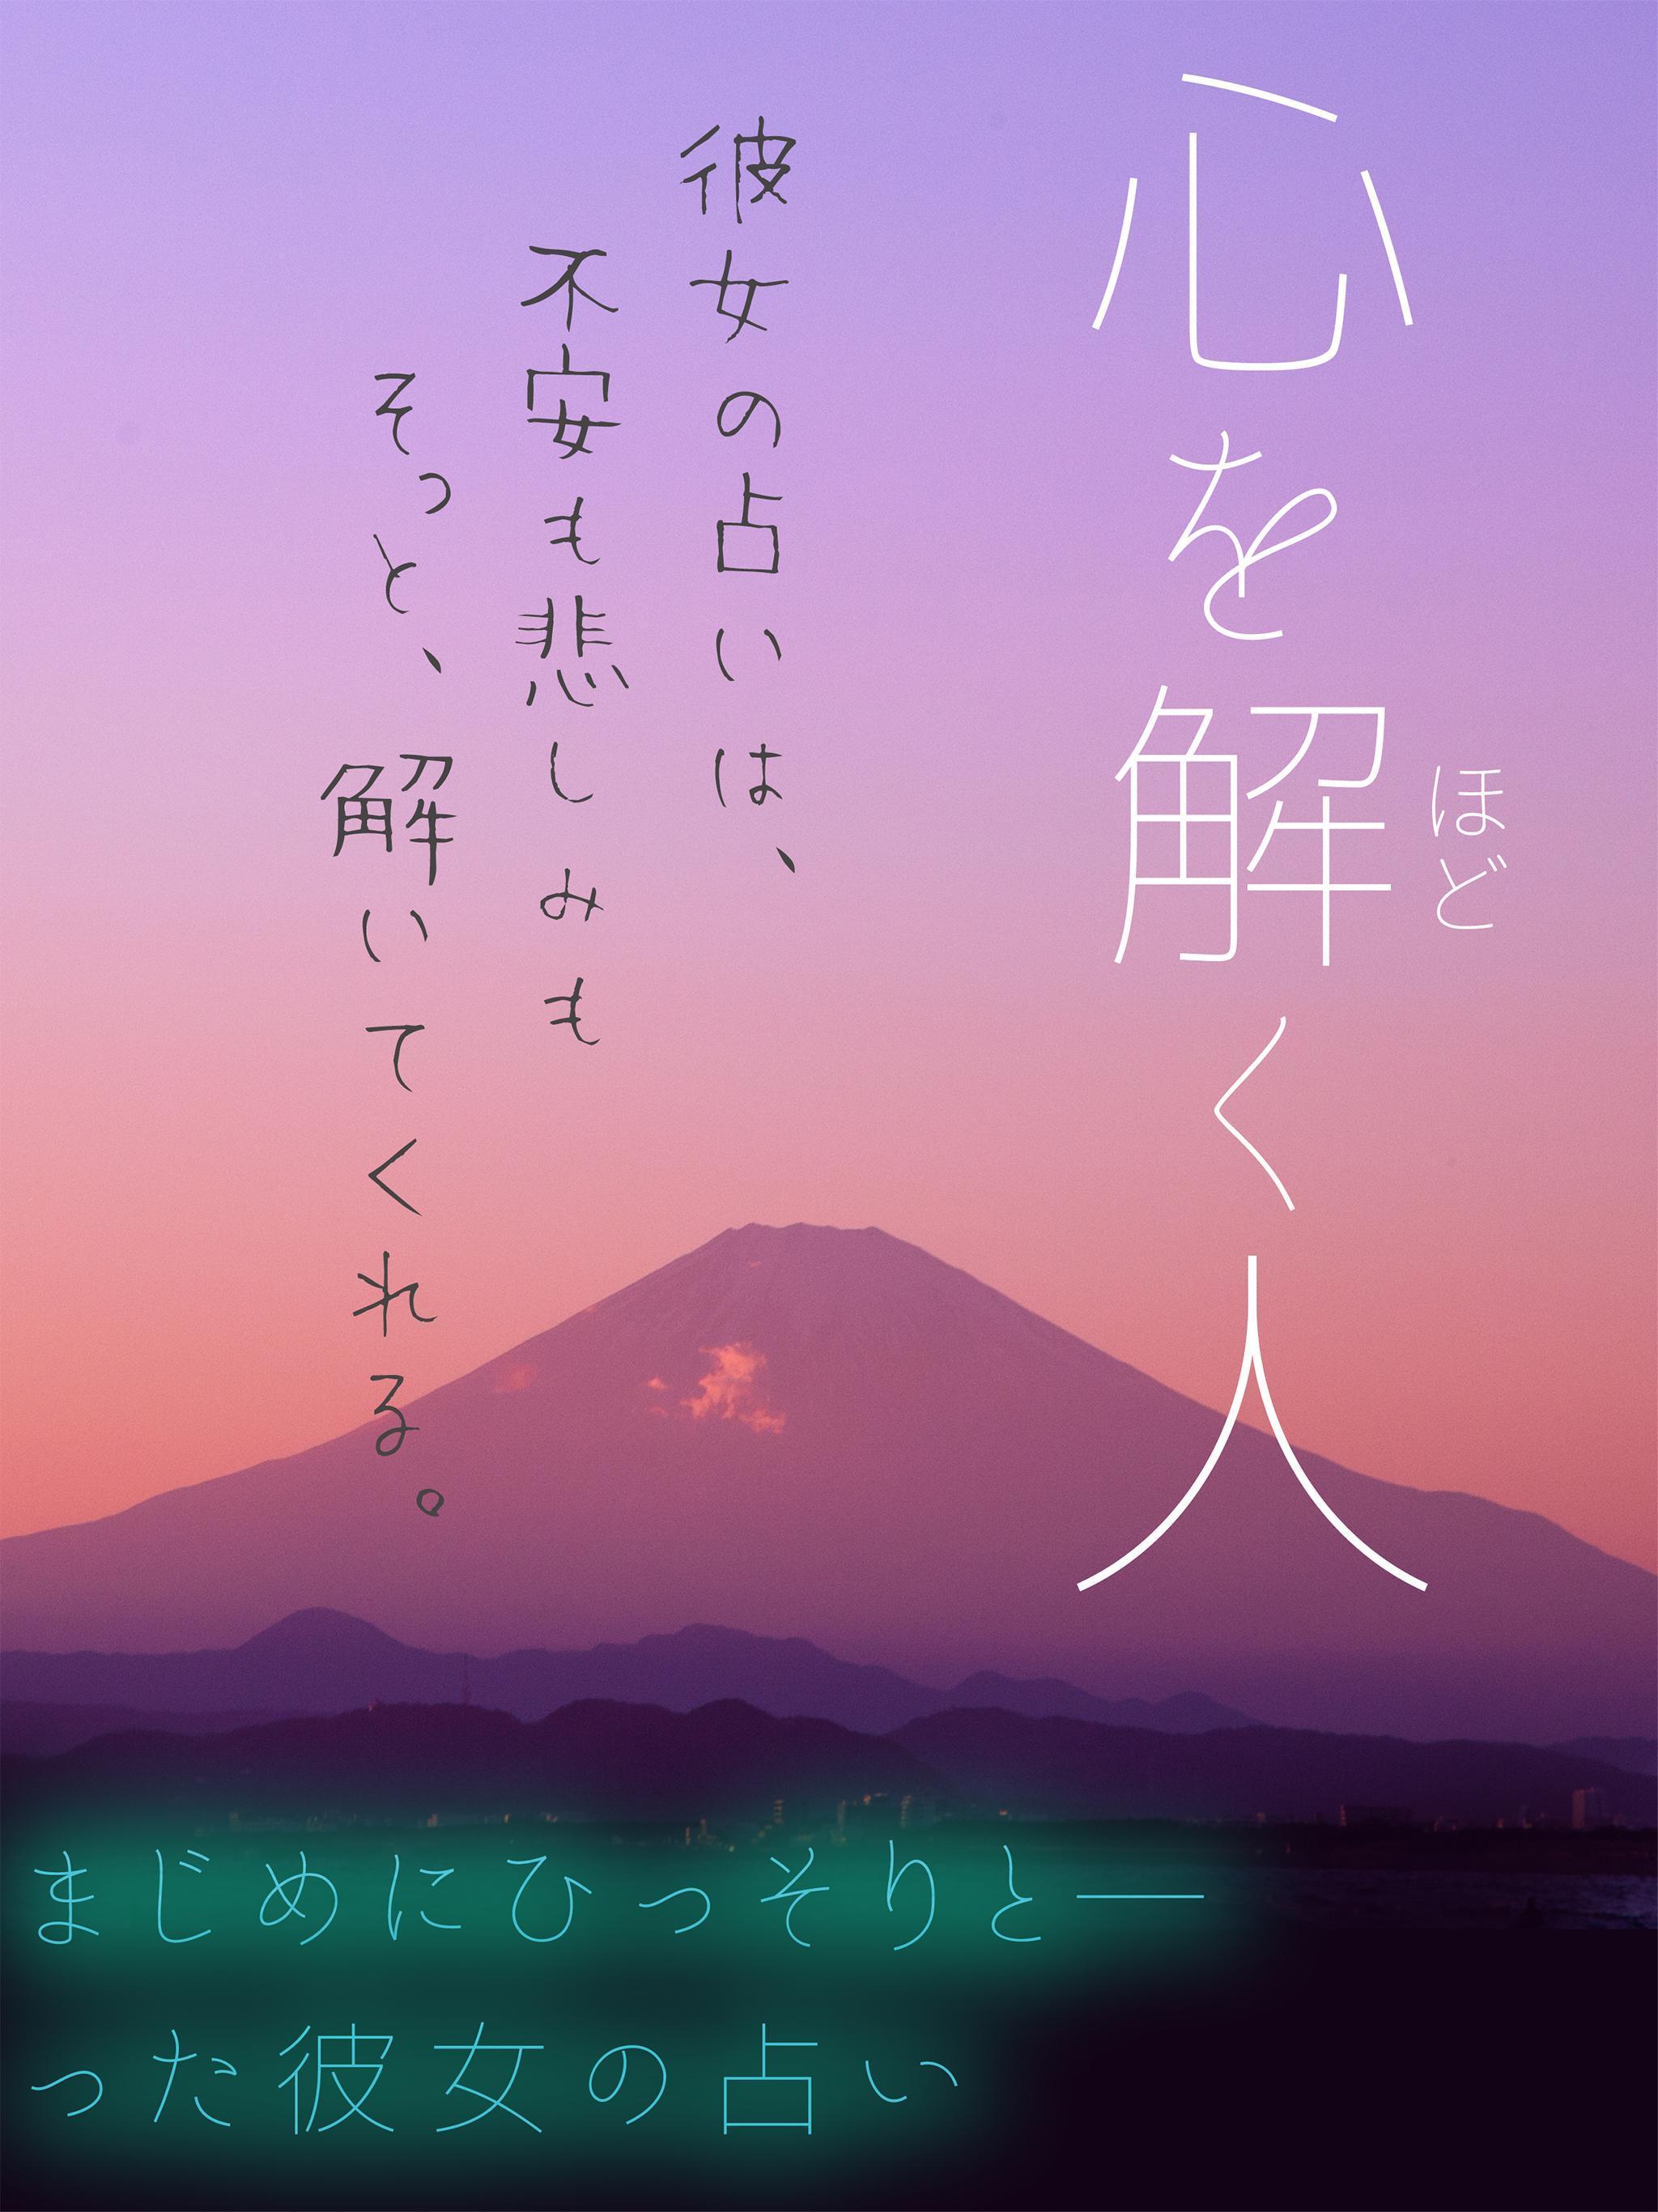 占い 当たる 静岡